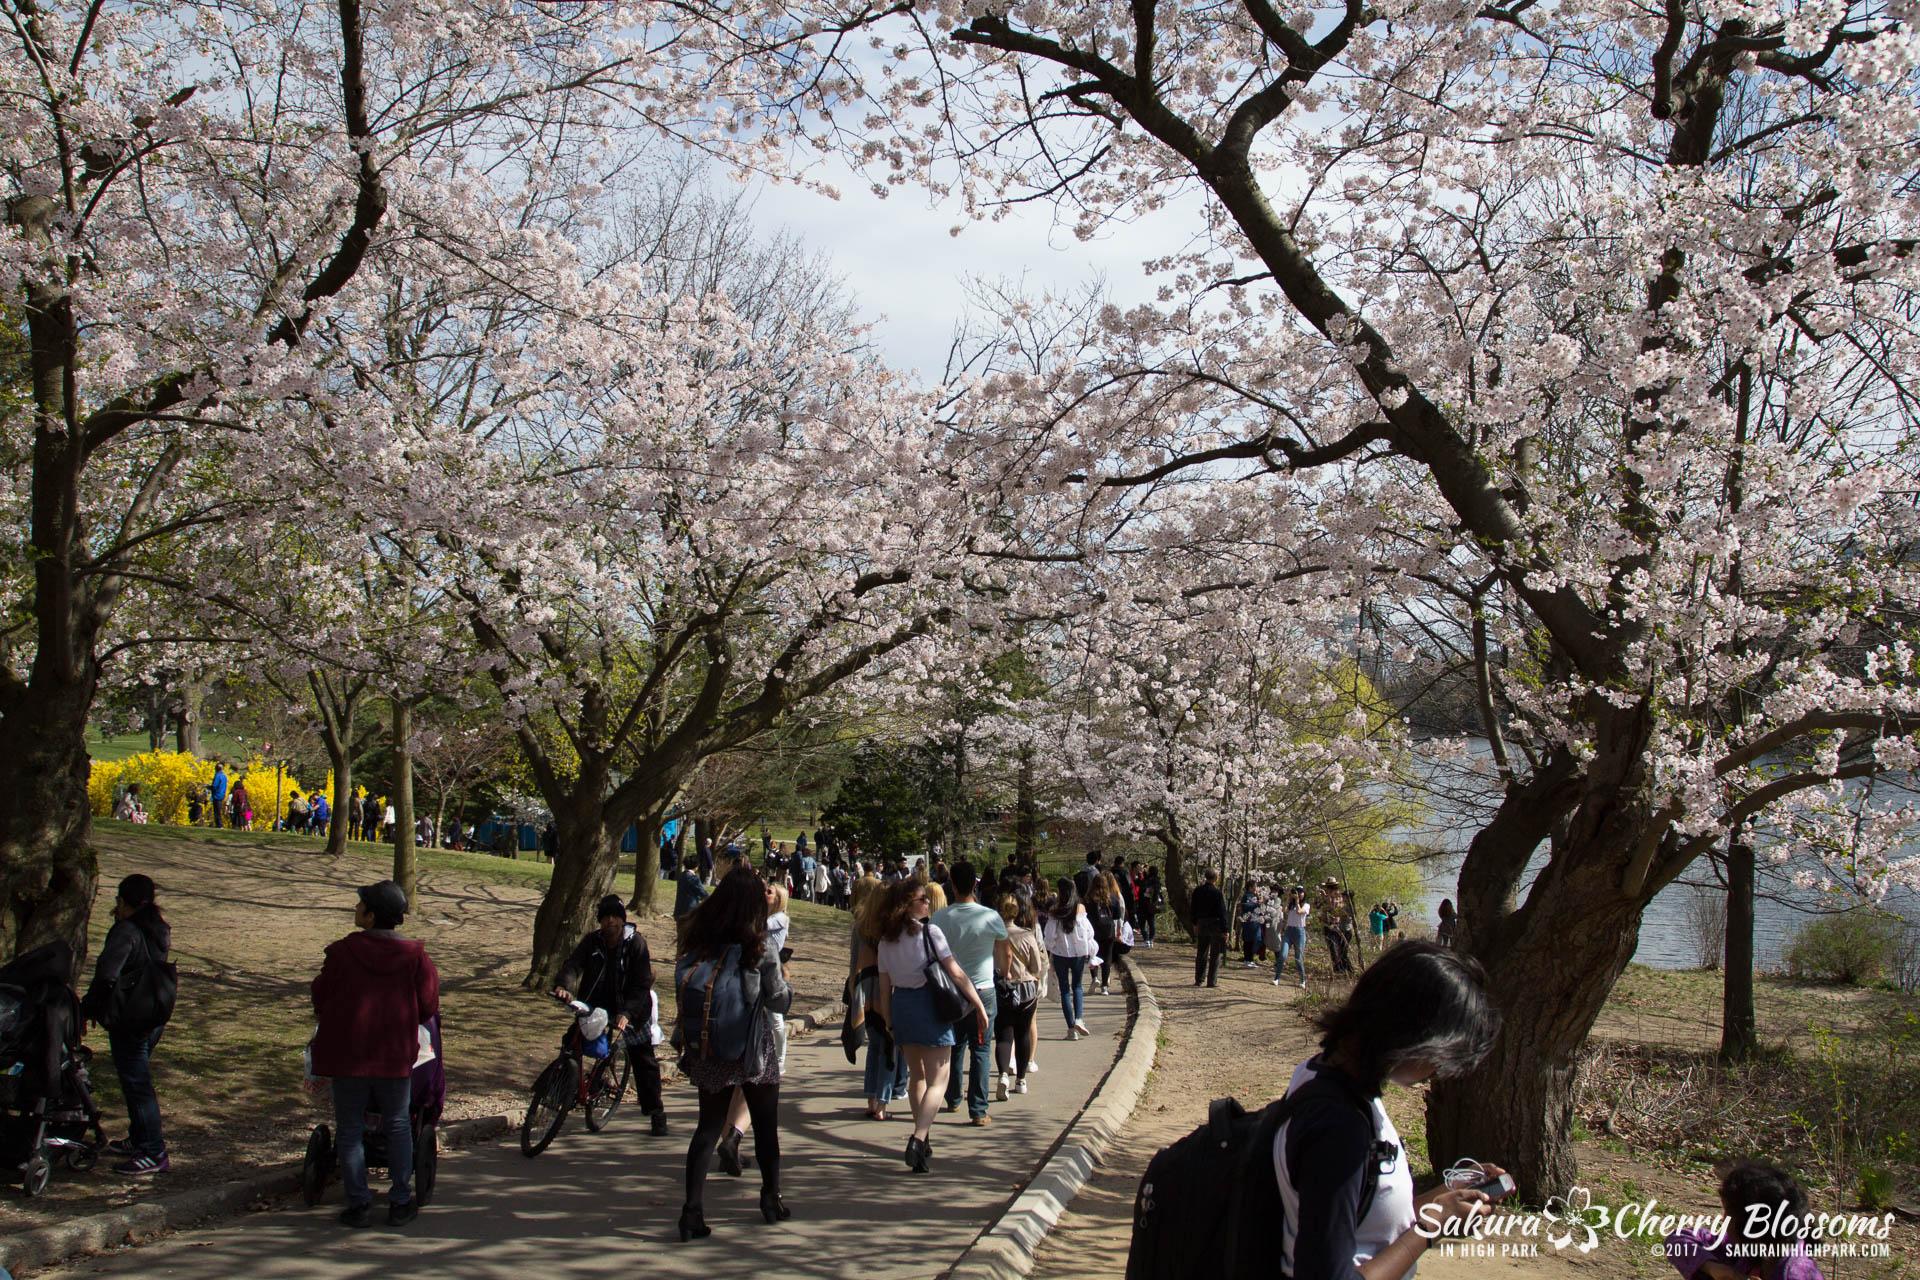 Sakura-Watch-April-28-2017-full-bloom-throughout-High-Park-5741.jpg